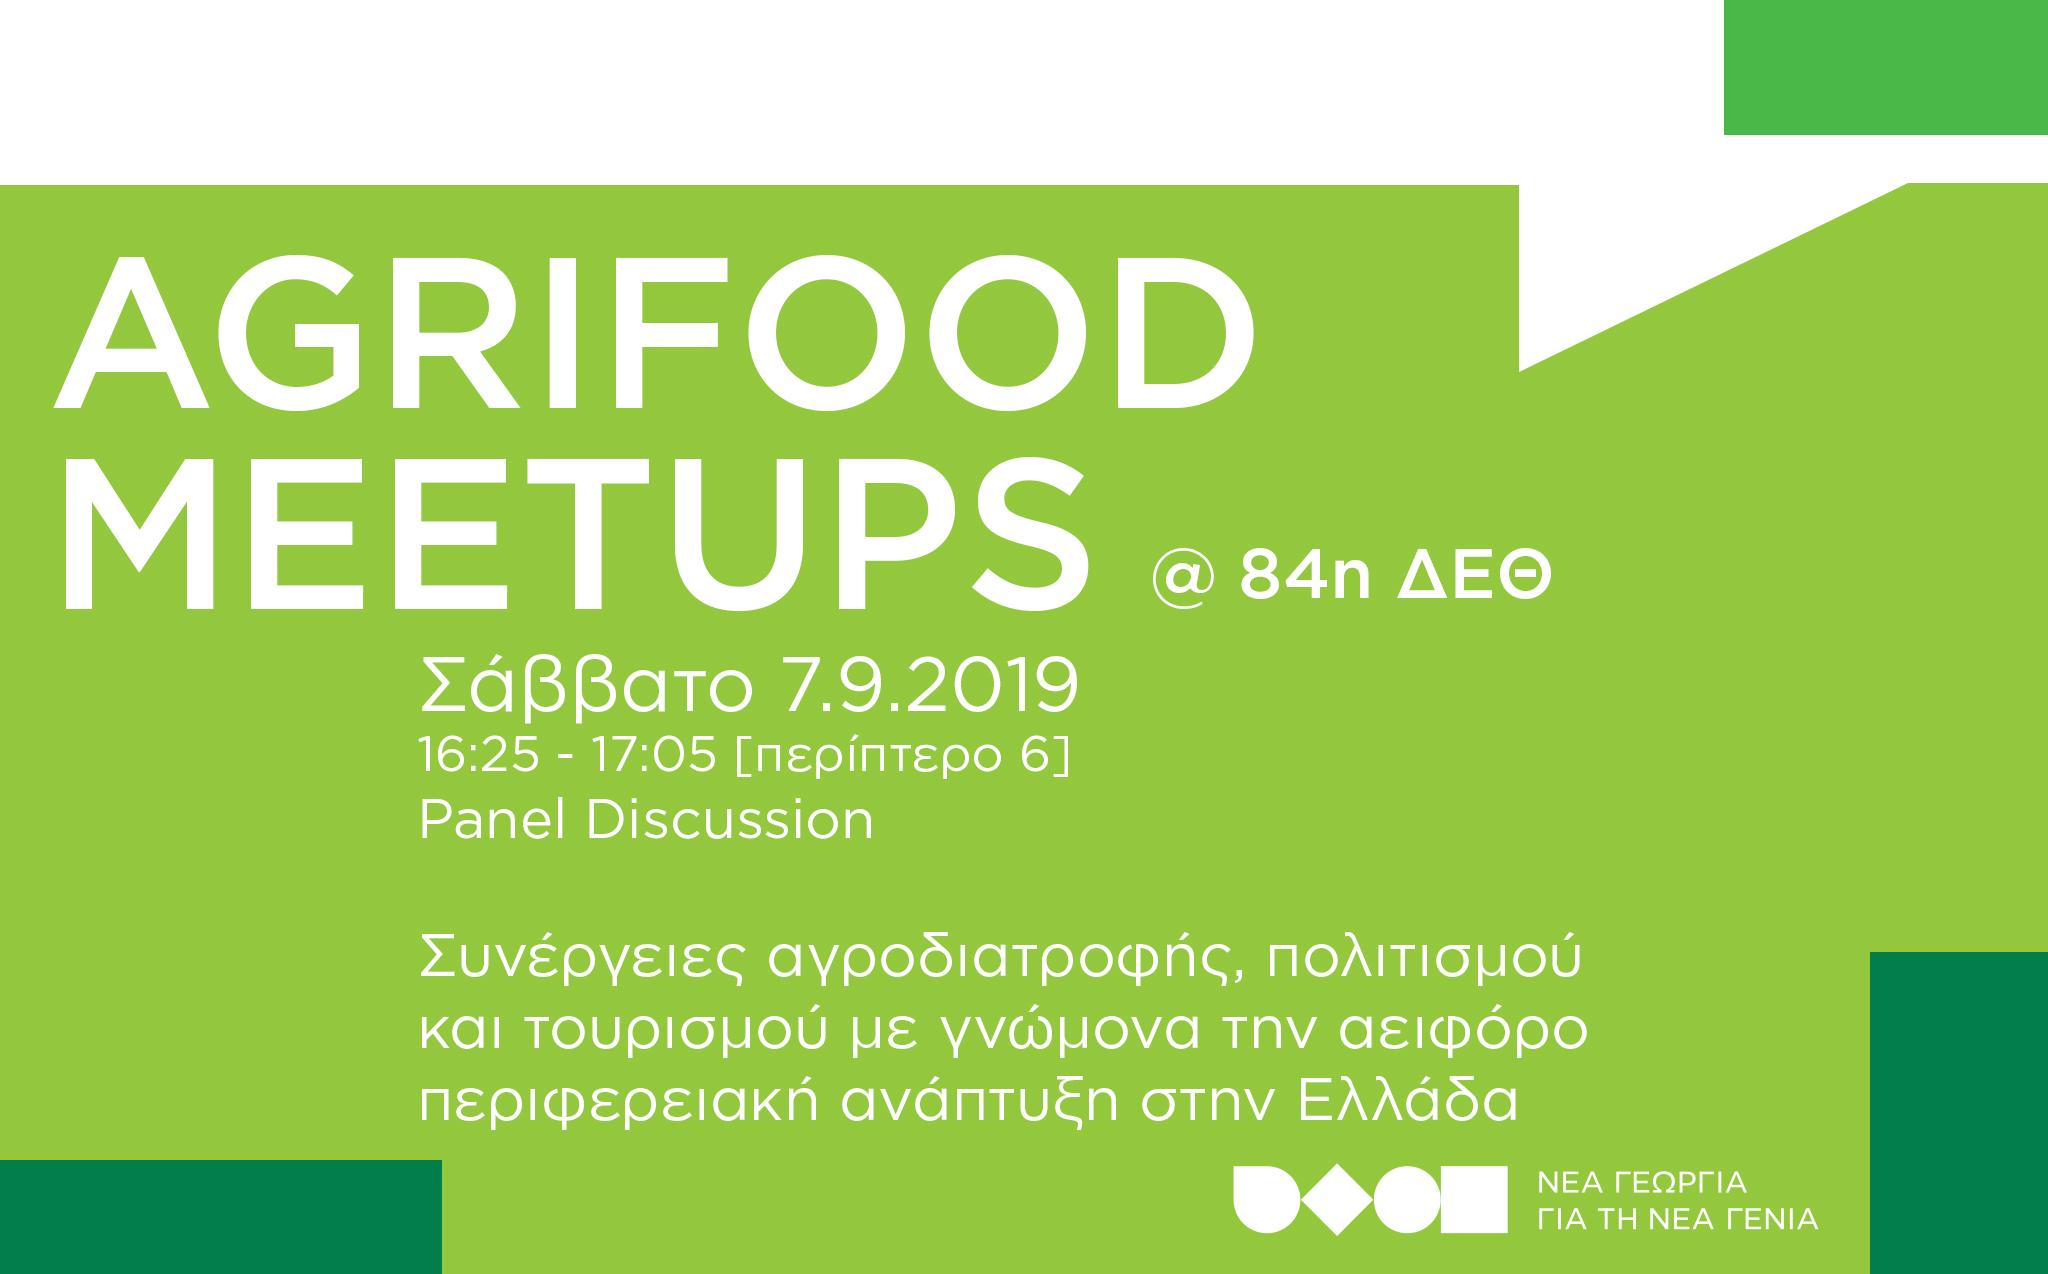 Συνέργειες αγροδιατροφής, πολιτισμού και τουρισμού με γνώμονα την αειφόρο περιφερειακή ανάπτυξη στην Ελλάδα